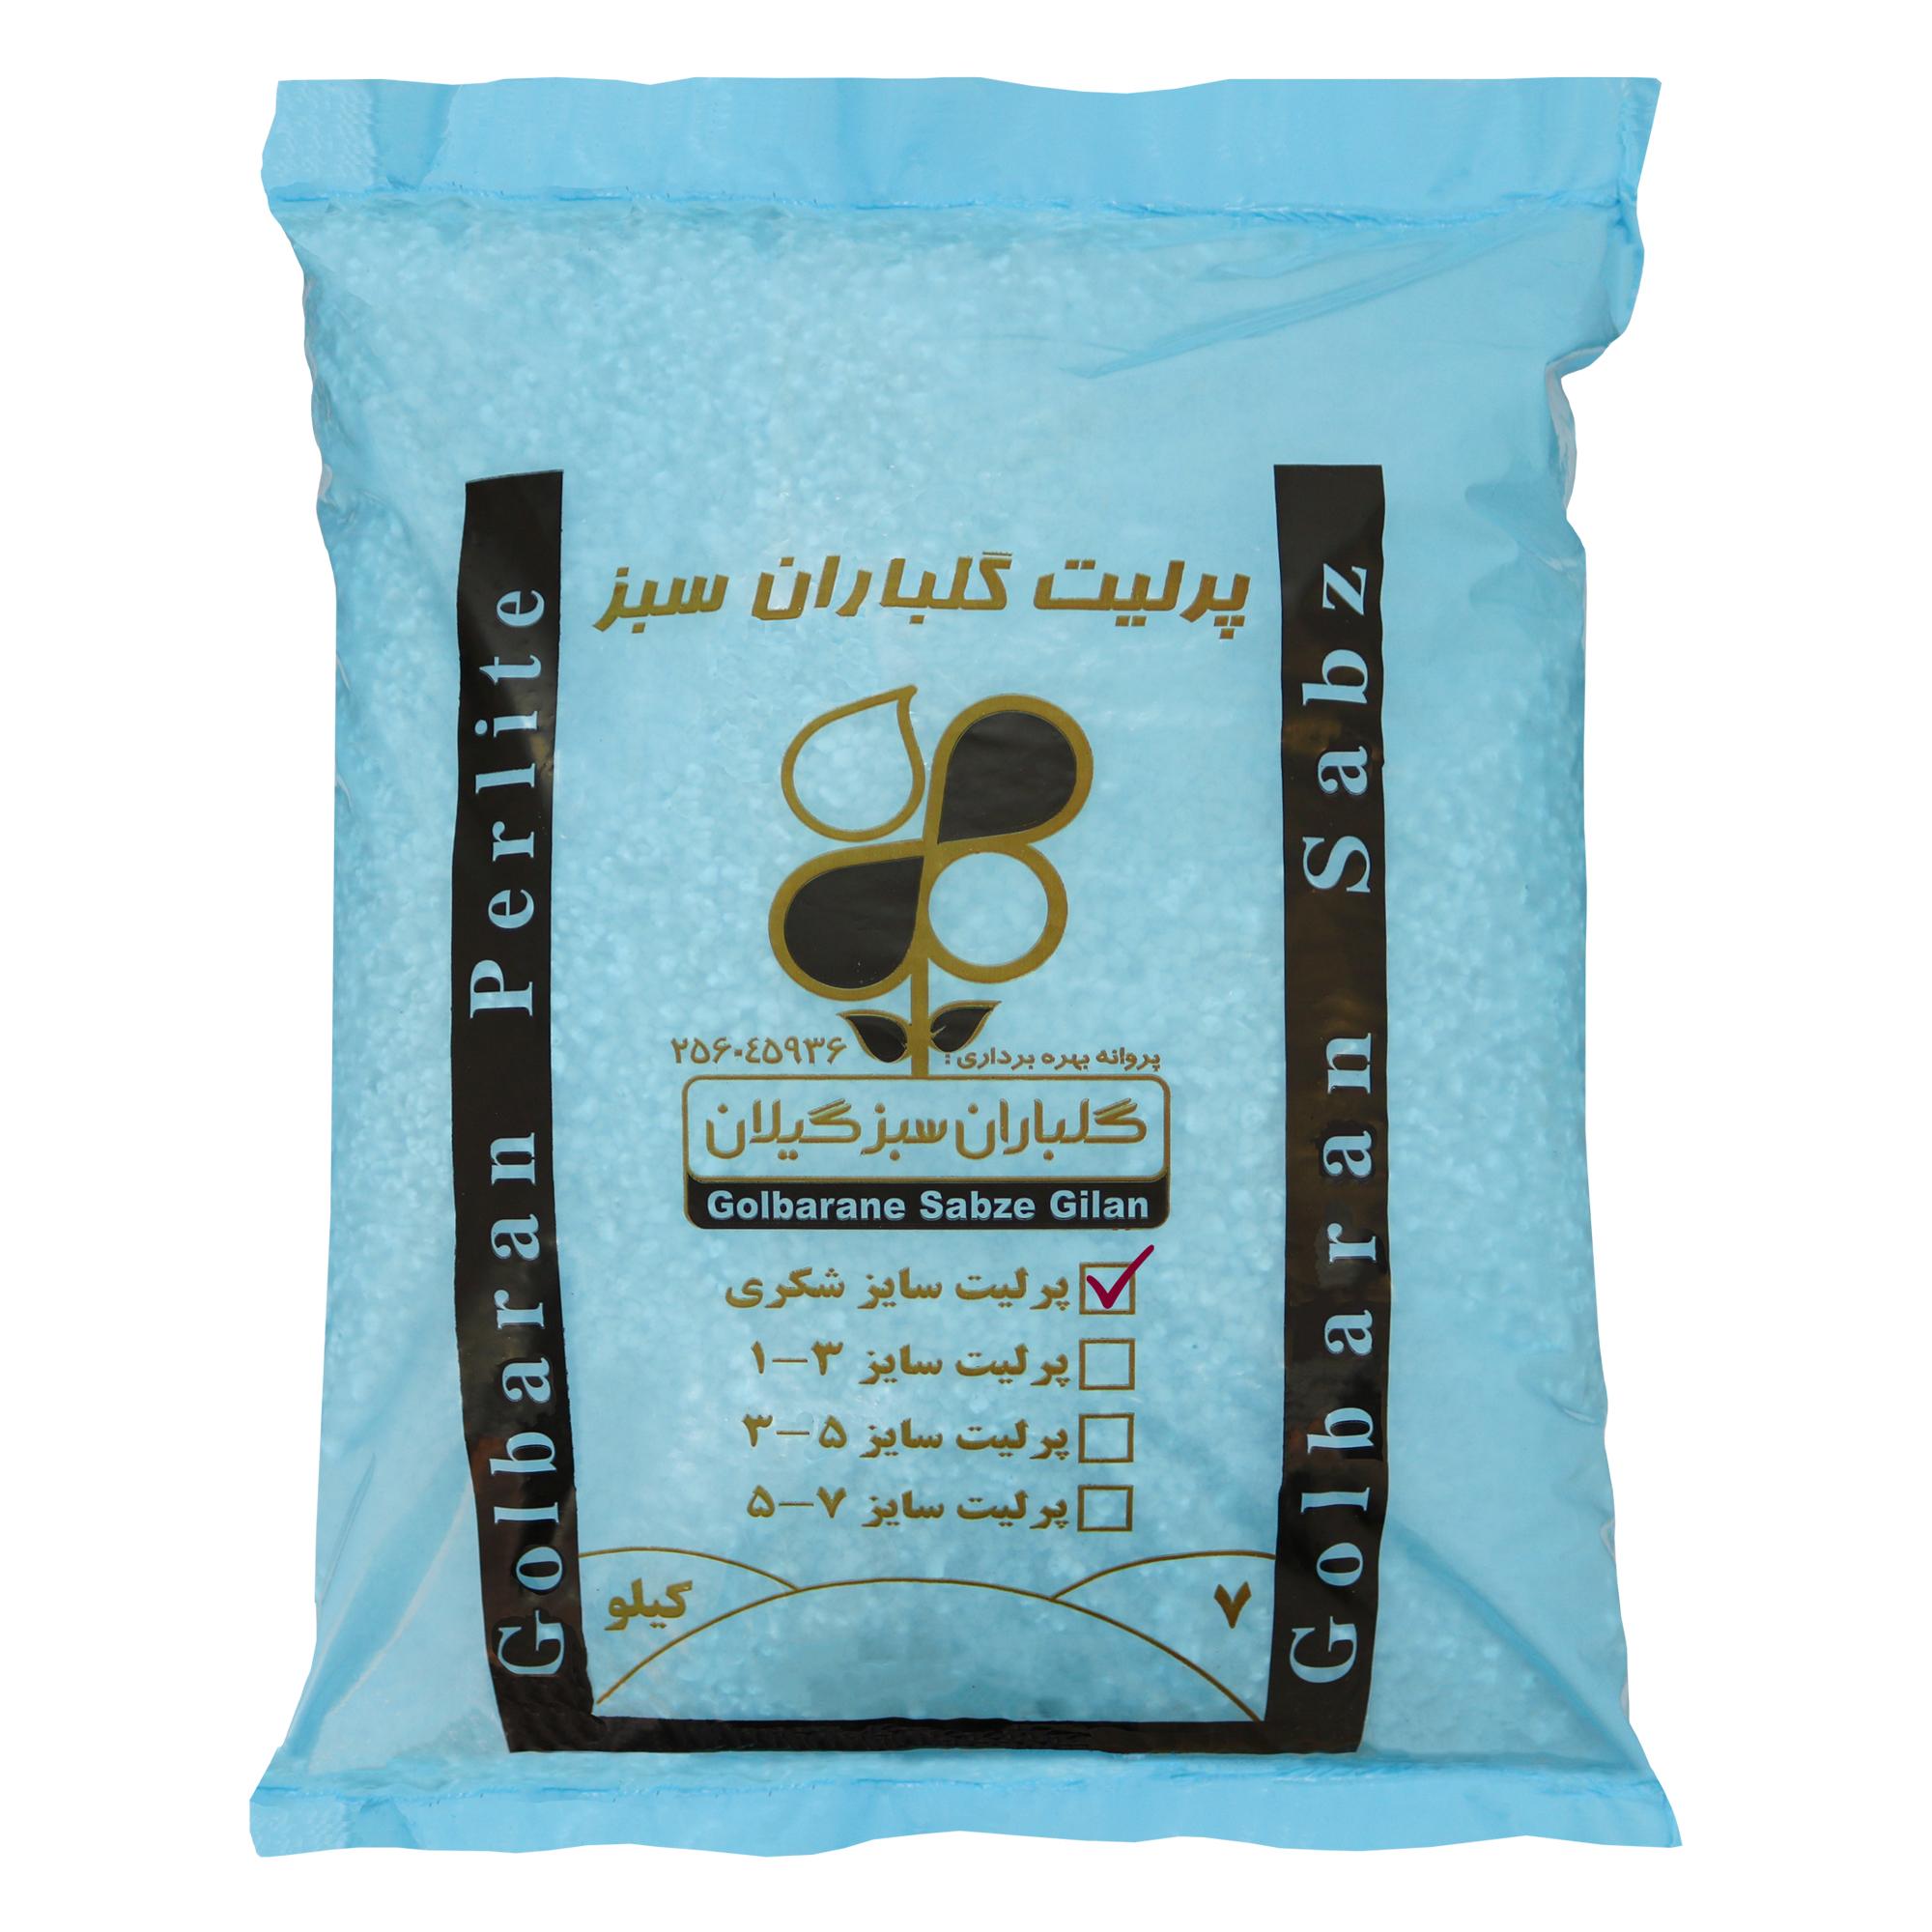 پرلیت گلباران سبز گیلان کد PL01 وزن 7 کیلوگرم